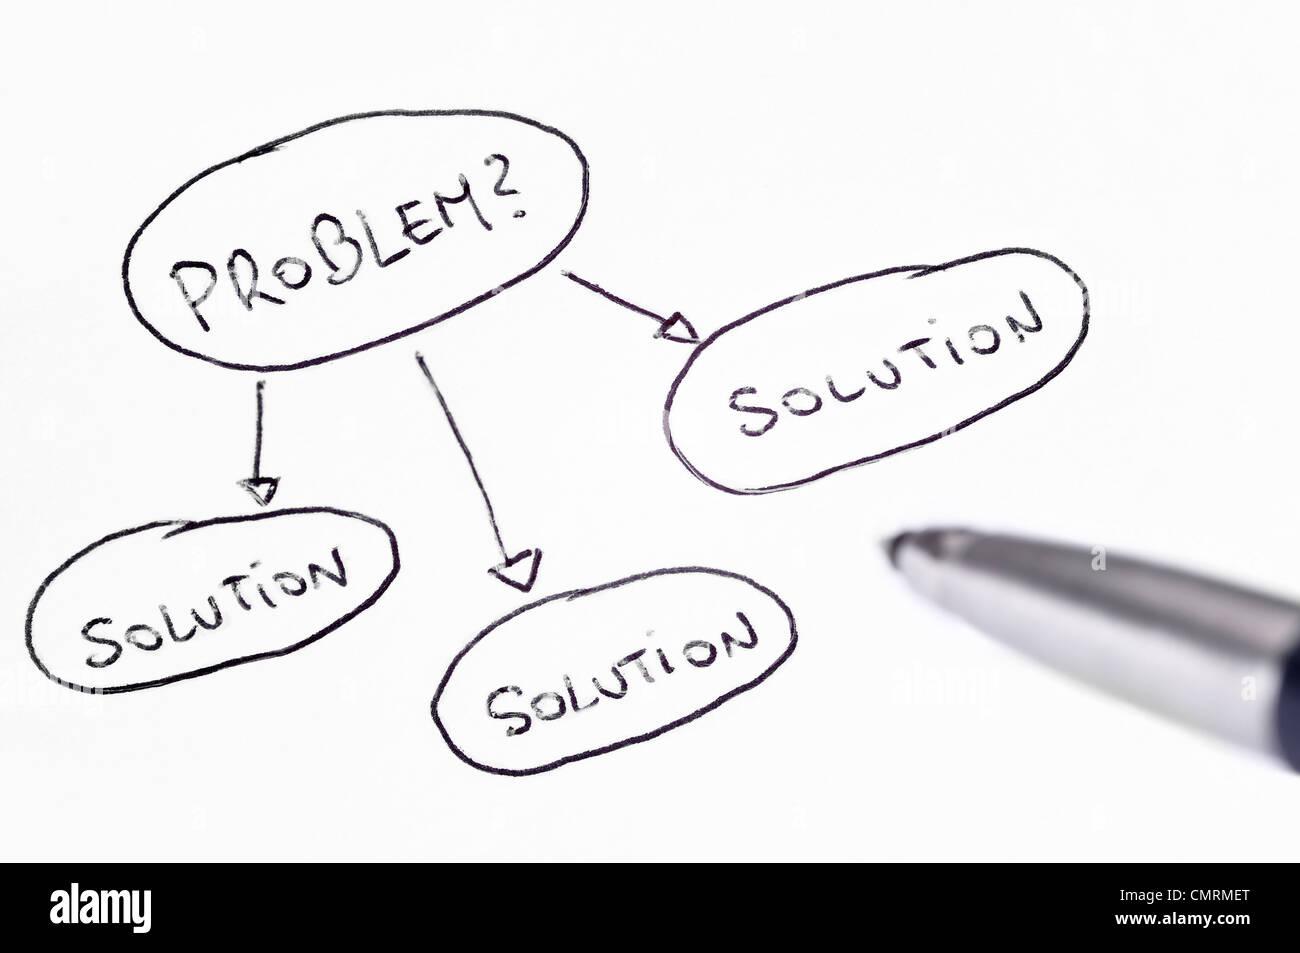 Problema y solución diagrama manuscrita con una pluma en el lado Imagen De Stock